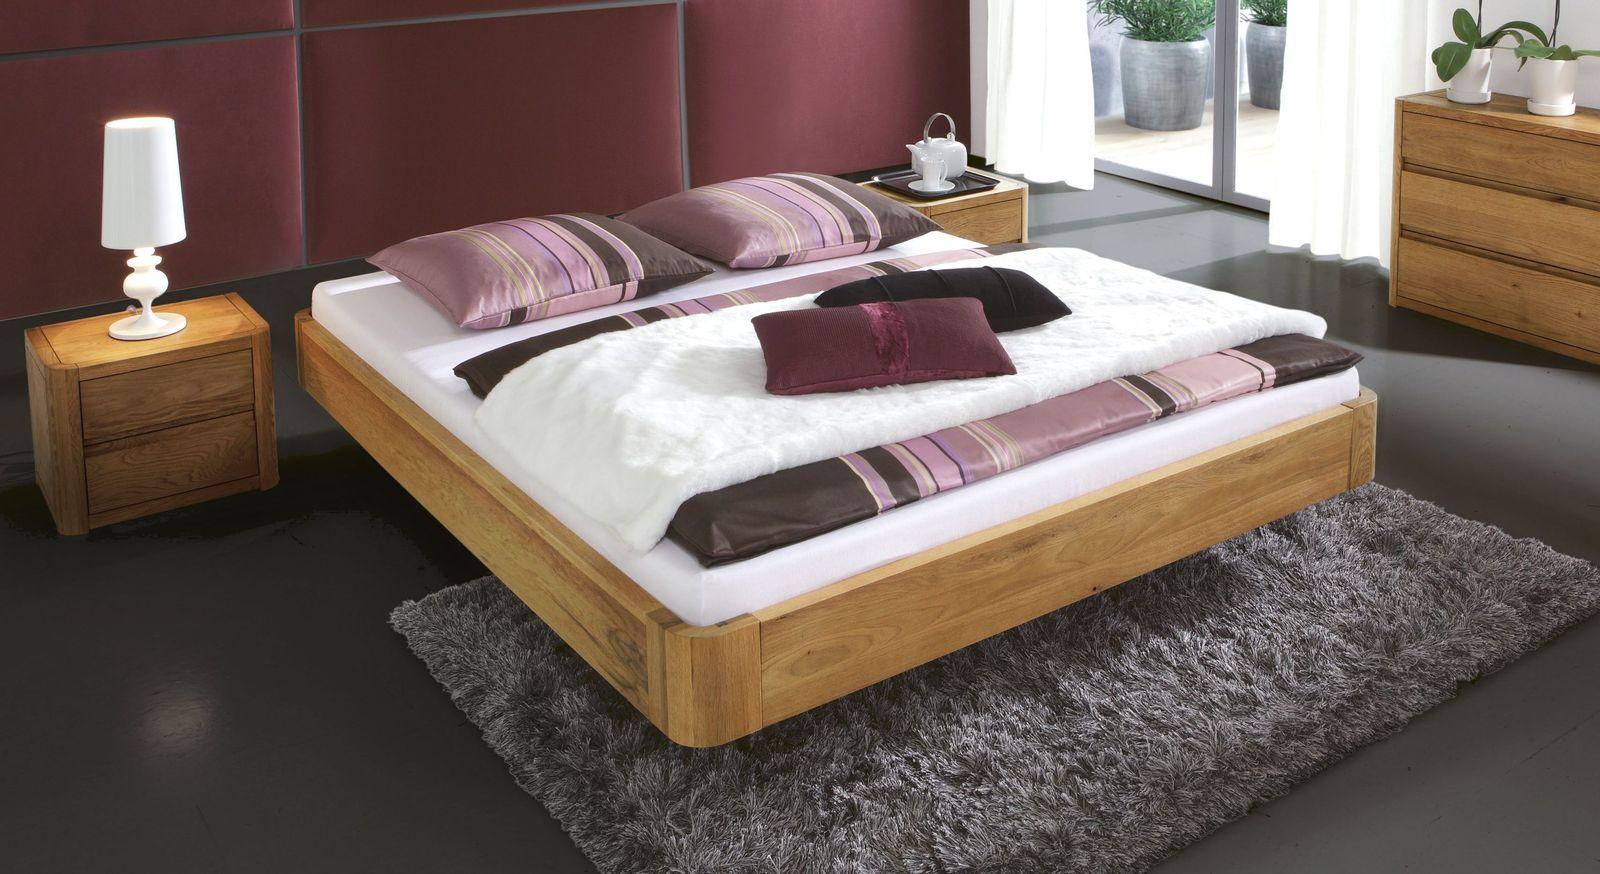 schwebebett aus massivem eichenholz ohne kopfteil salerno. Black Bedroom Furniture Sets. Home Design Ideas